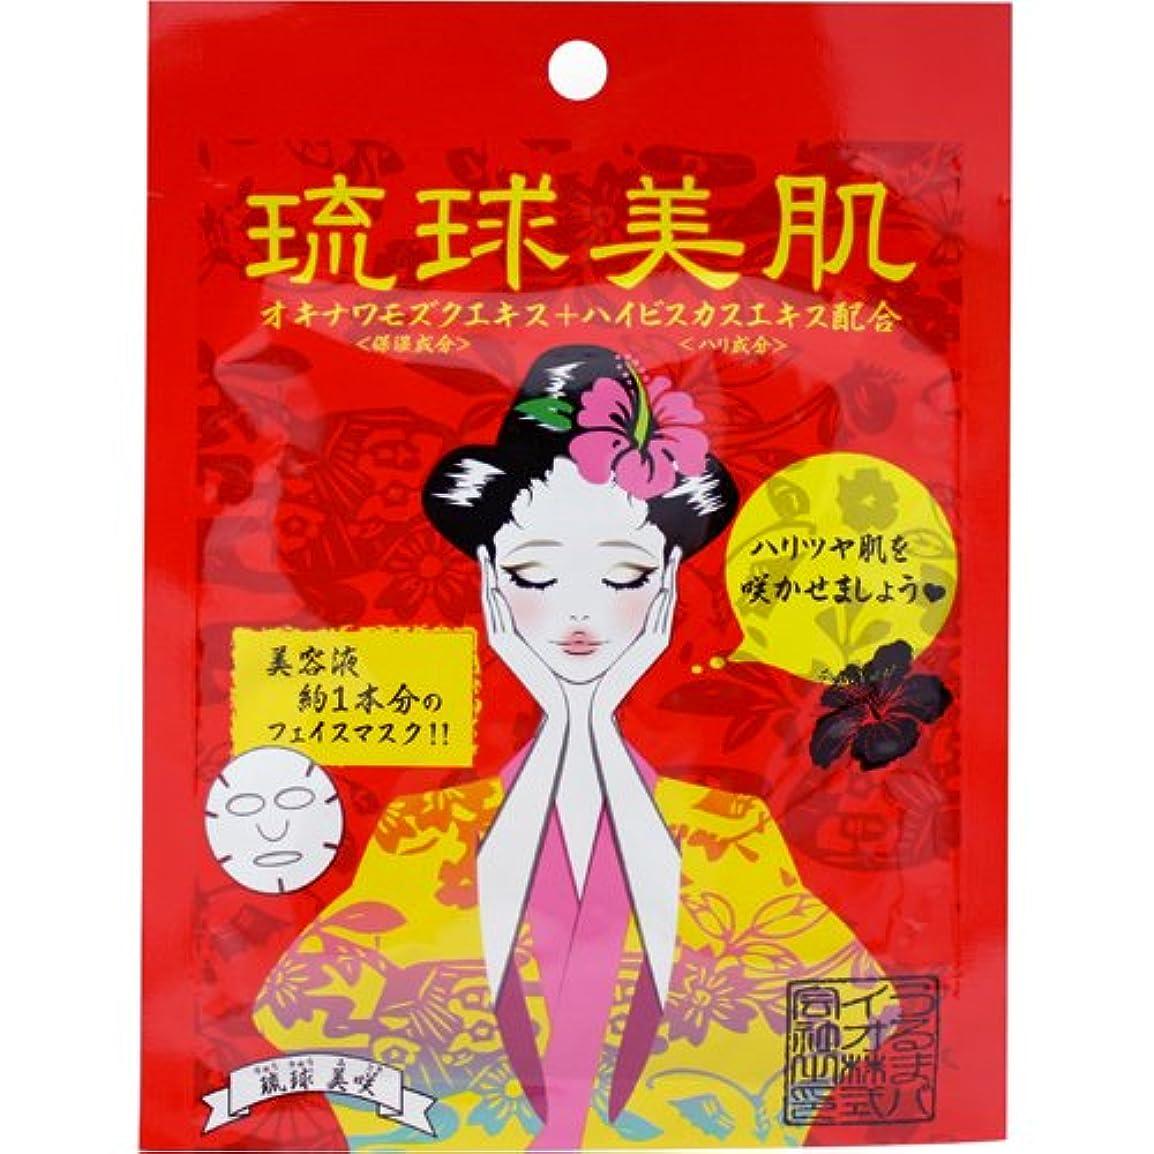 砲撃こしょうほとんどない琉球美肌フェイスマスクシート 赤(ハイビスカスの香り)×10パック